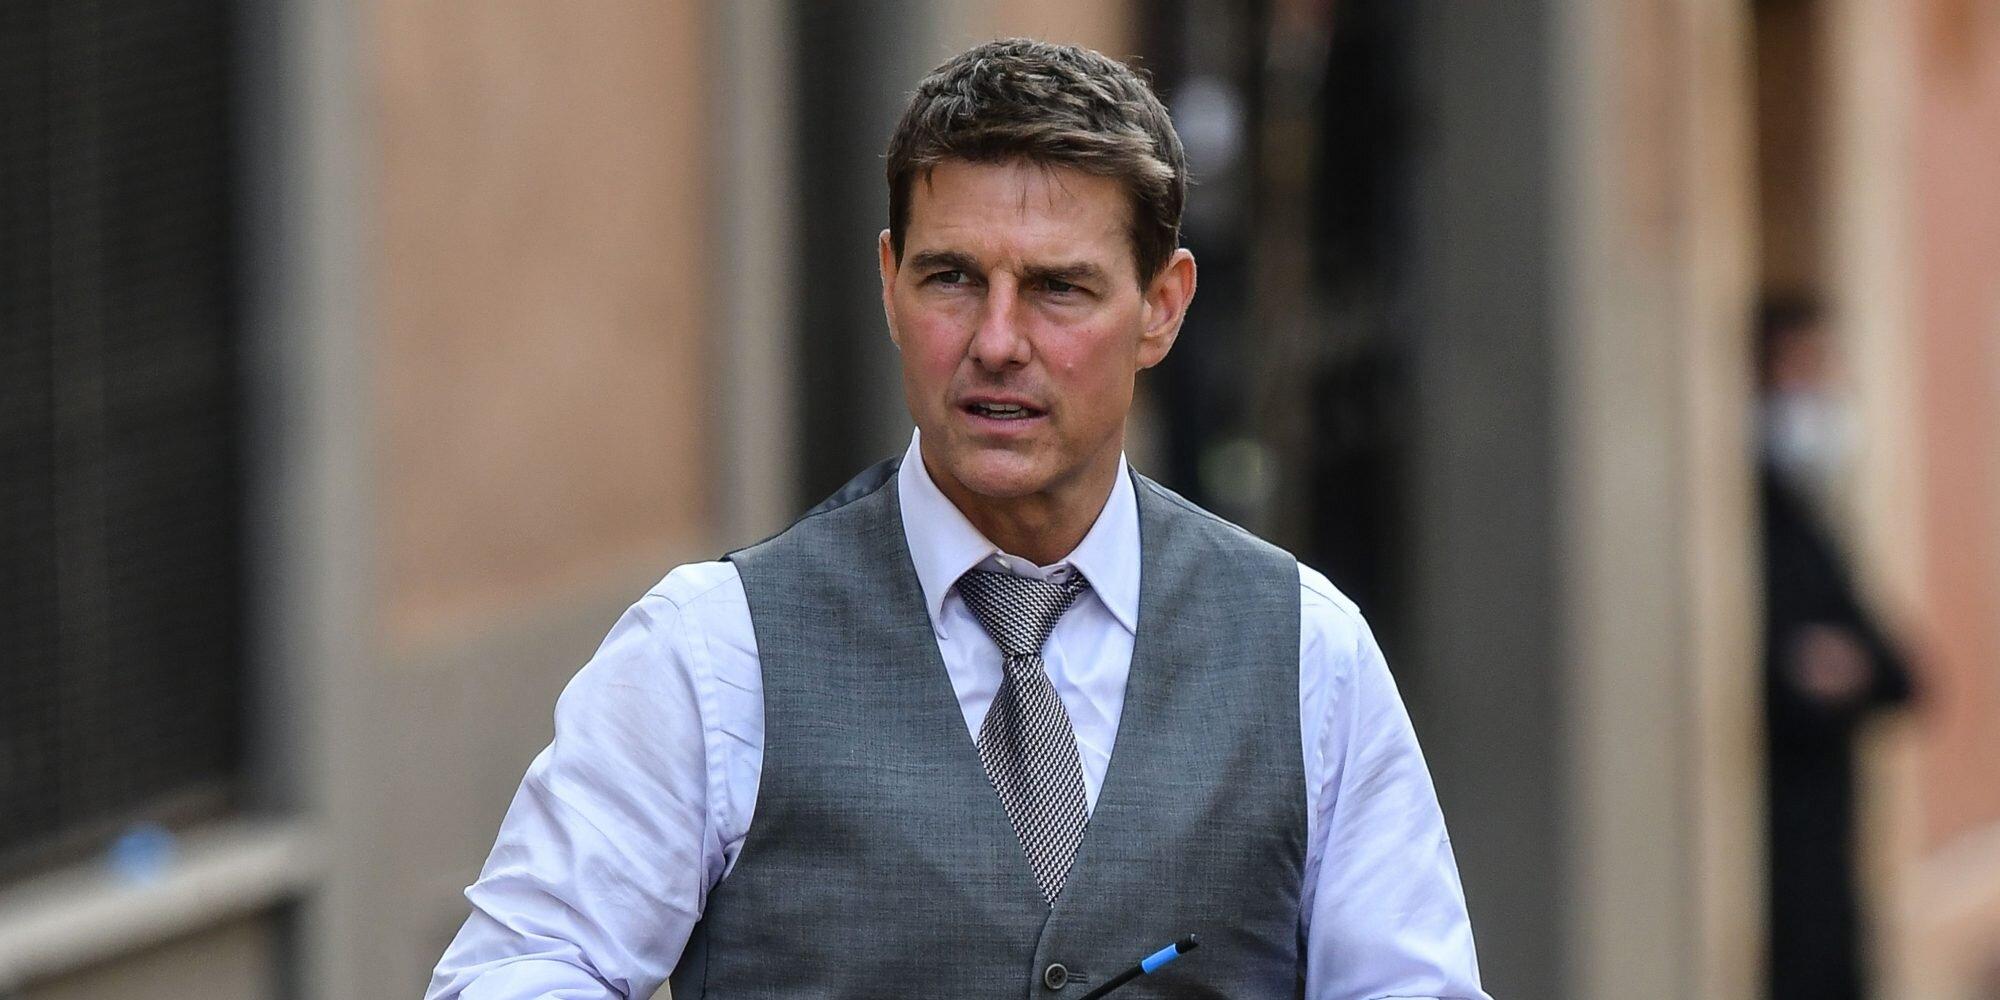 Tom Cruise luce irreconocible y se desatan los rumores de que se operó